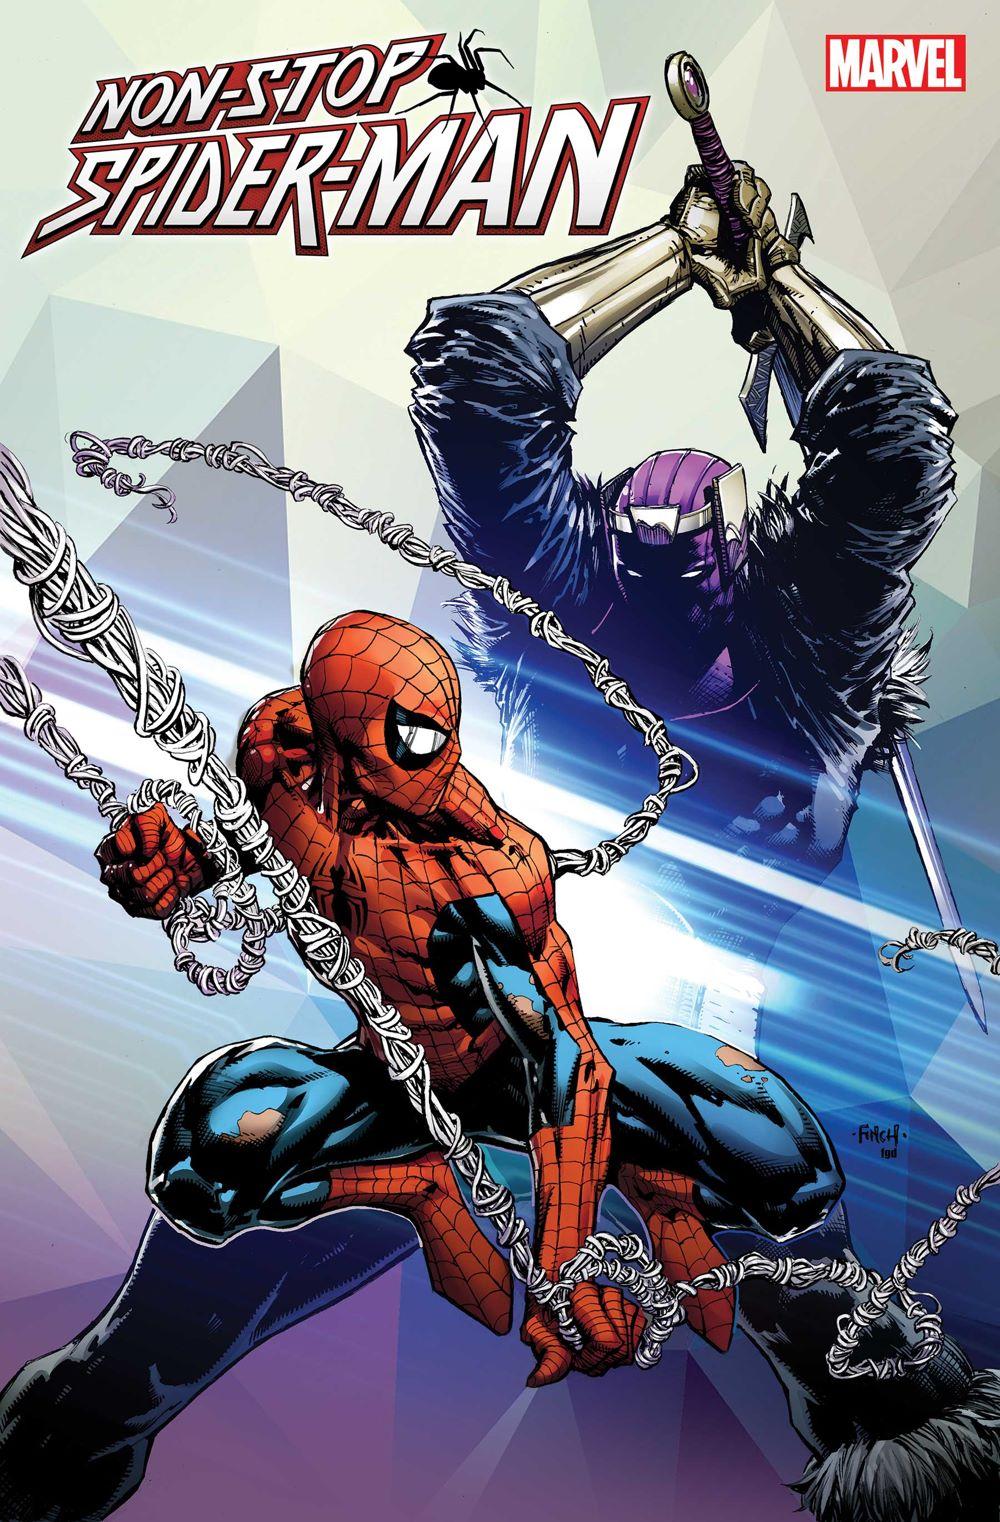 NONSTOPSM2021004cov Marvel Comics June 2021 Solicitations